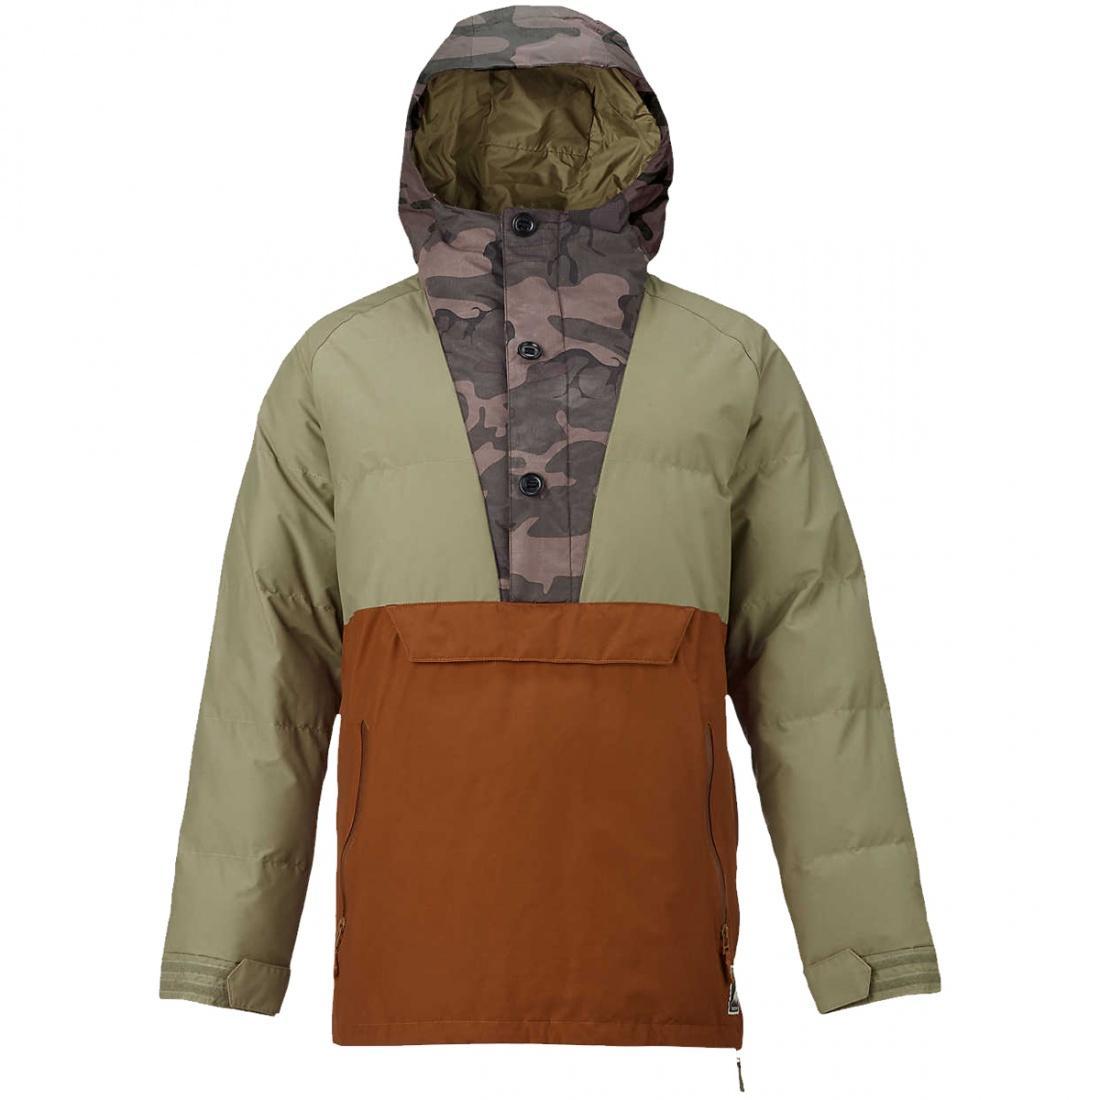 Куртка MB SERVICE ANORAKКуртки<br><br>Верхняя ткань: двухслойная мембранная ткань DRYRIDE Durashell Blocked Printed Polyester Plain Weave и Solid Nylon Plain Weave с показателями 10000 мм/25000 г/м2<br>Подклад: т...<br><br>Цвет: Хаки<br>Размер: S